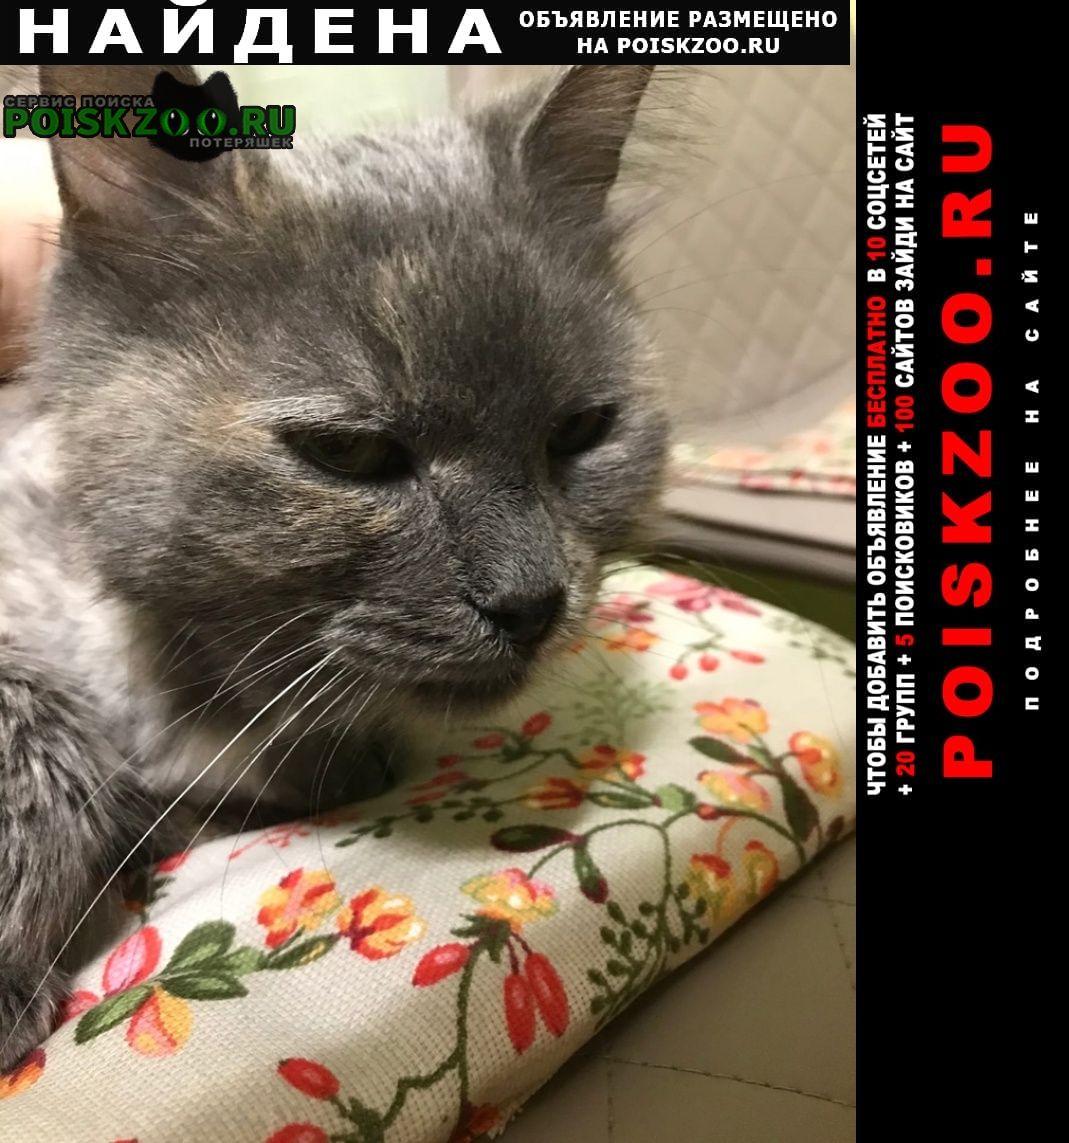 Найдена кошка серая со стрижкой Москва